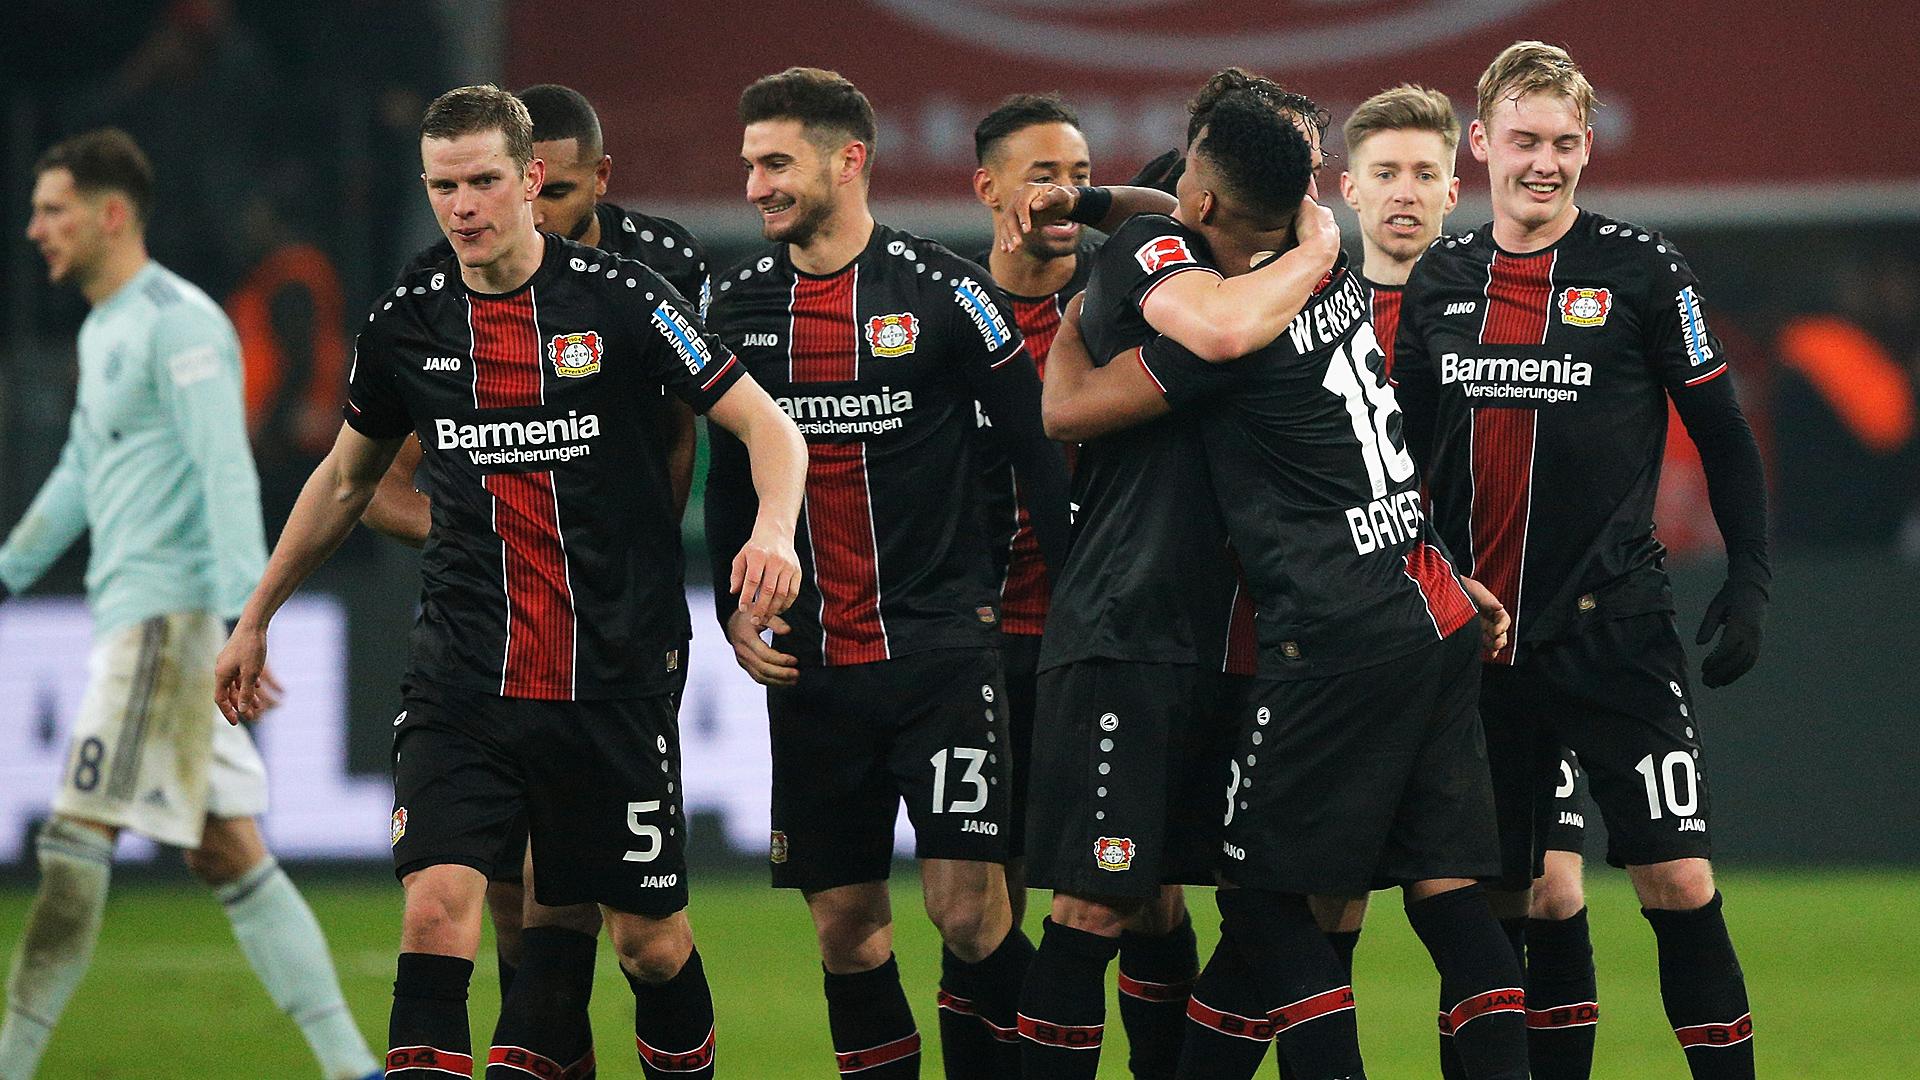 Mainz 05 Vs Bayer Leverkusen Heute Live Im Tv Und Live Stream Sehen